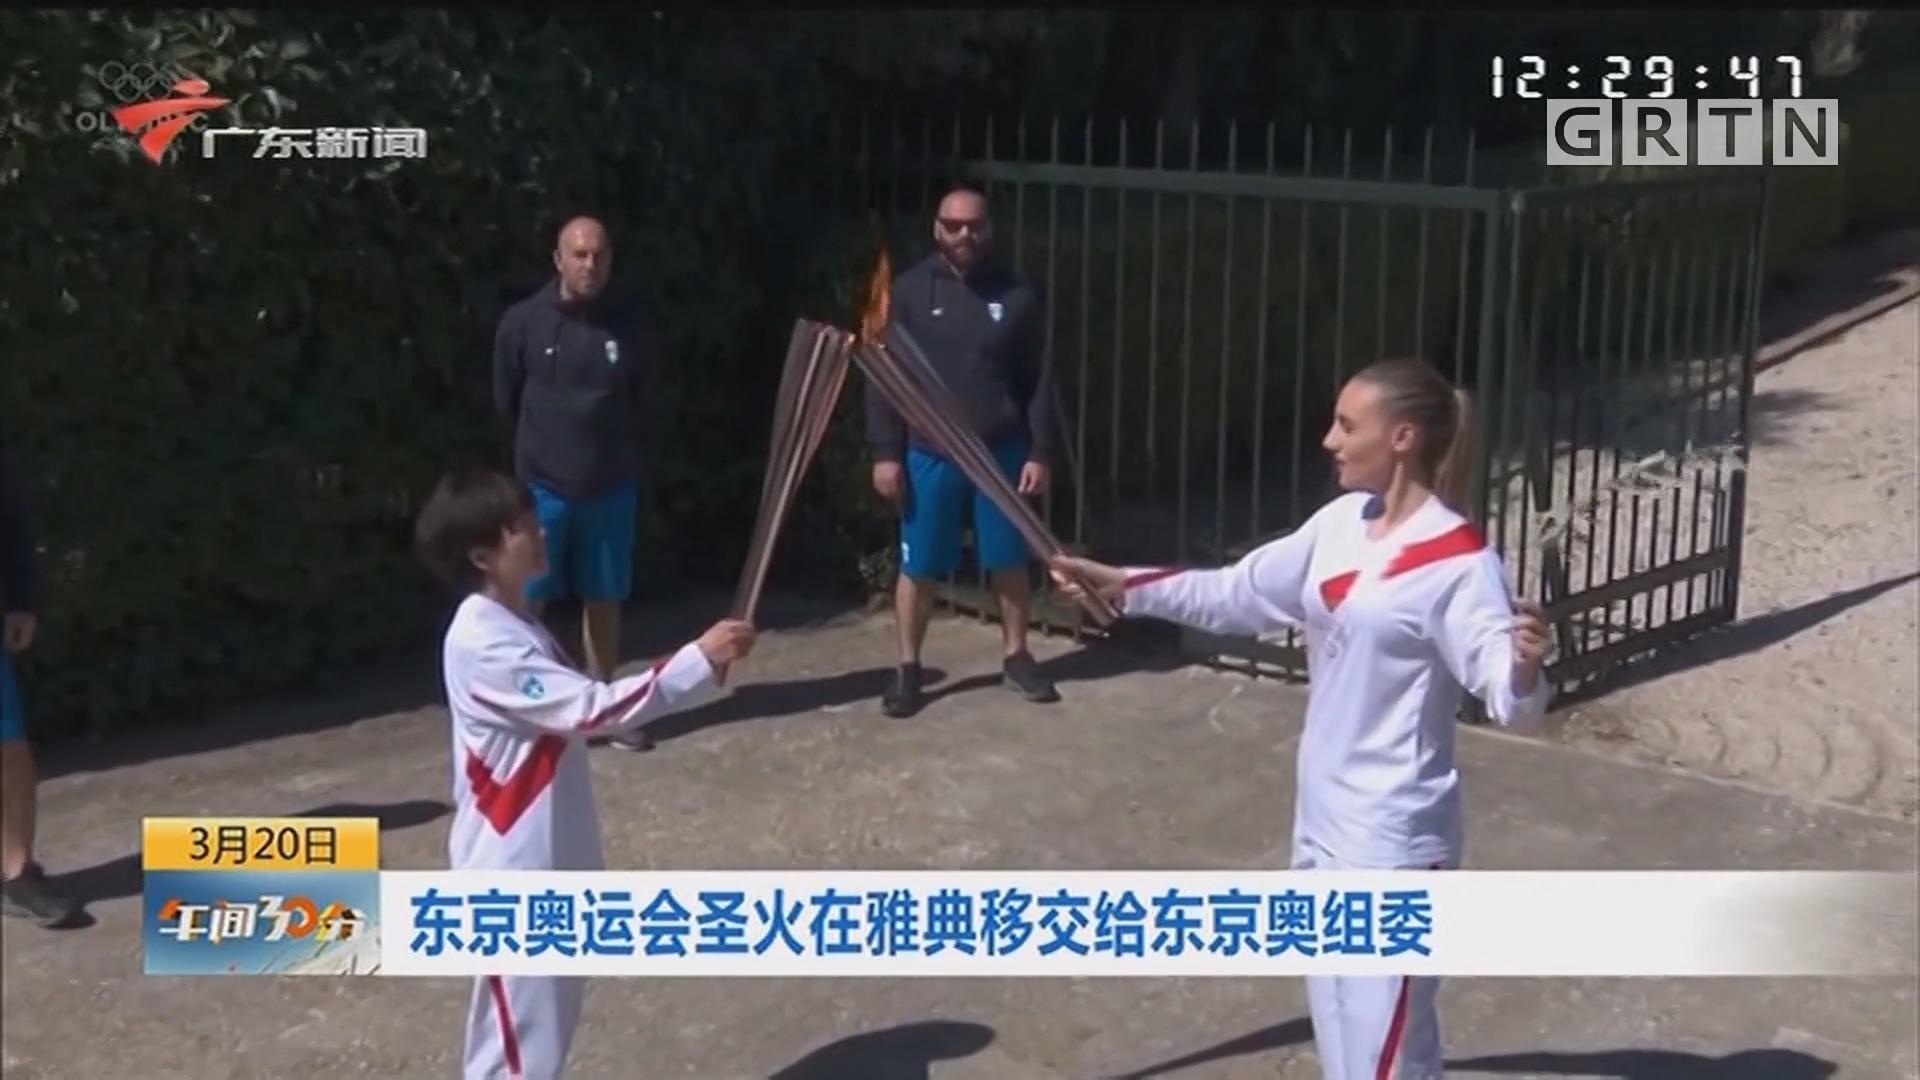 东京奥运会圣火在雅典移交给东京奥组委